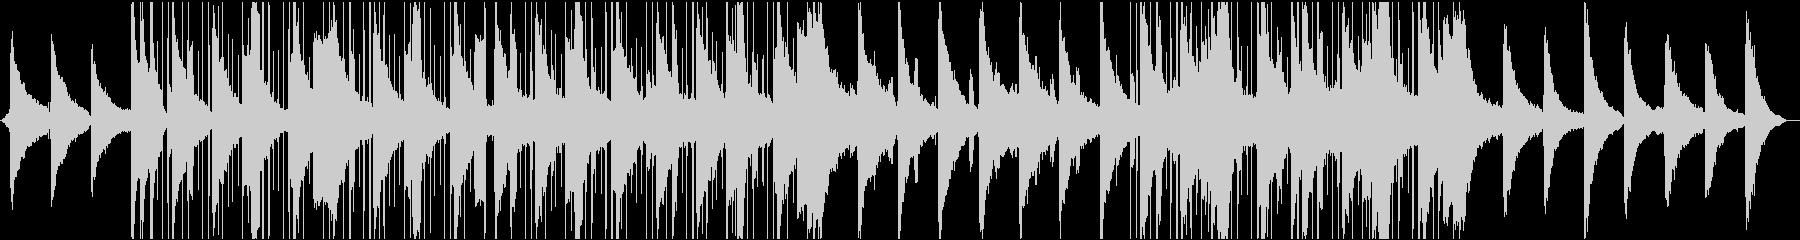 セクシーなスローエレクトロミュージックの未再生の波形